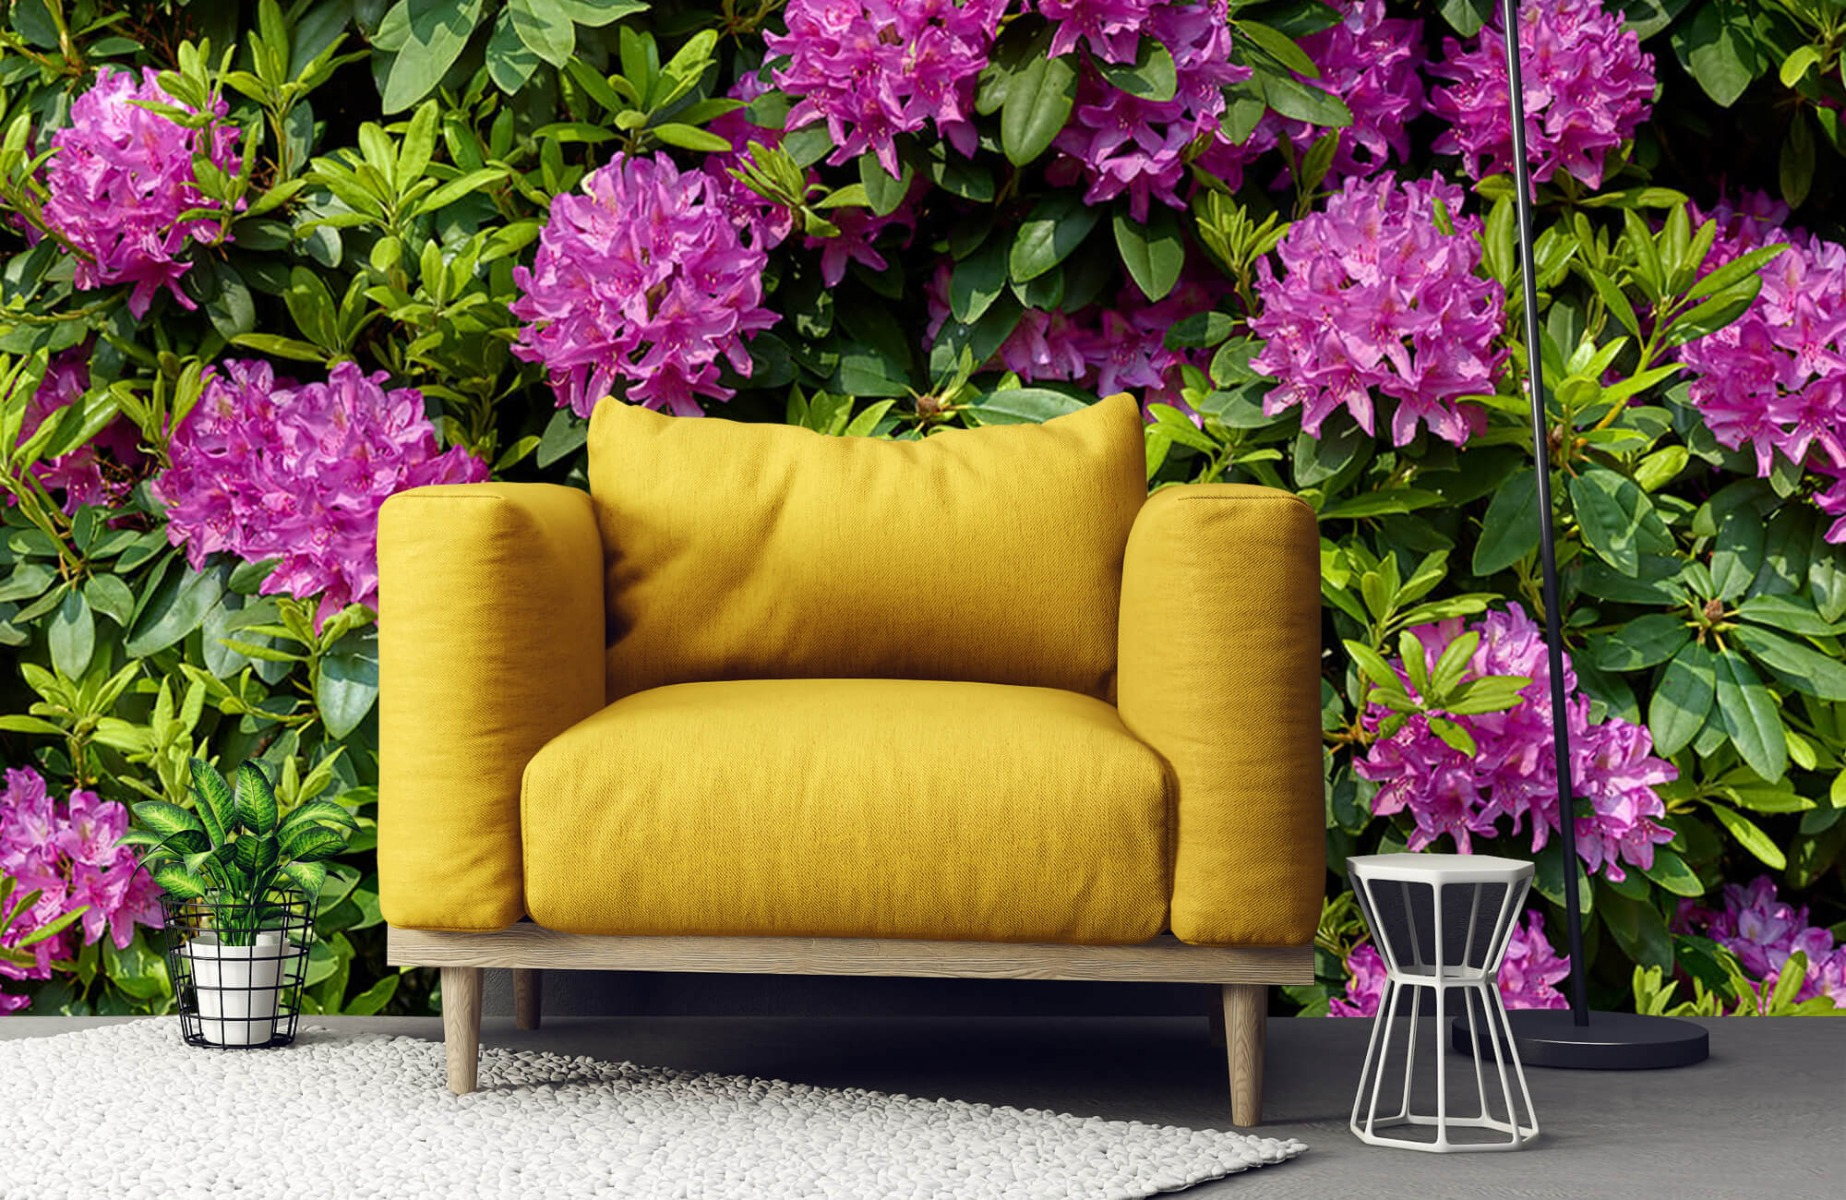 Bloemenvelden - Rododendrons - Wallexclusive - Slaapkamer 22